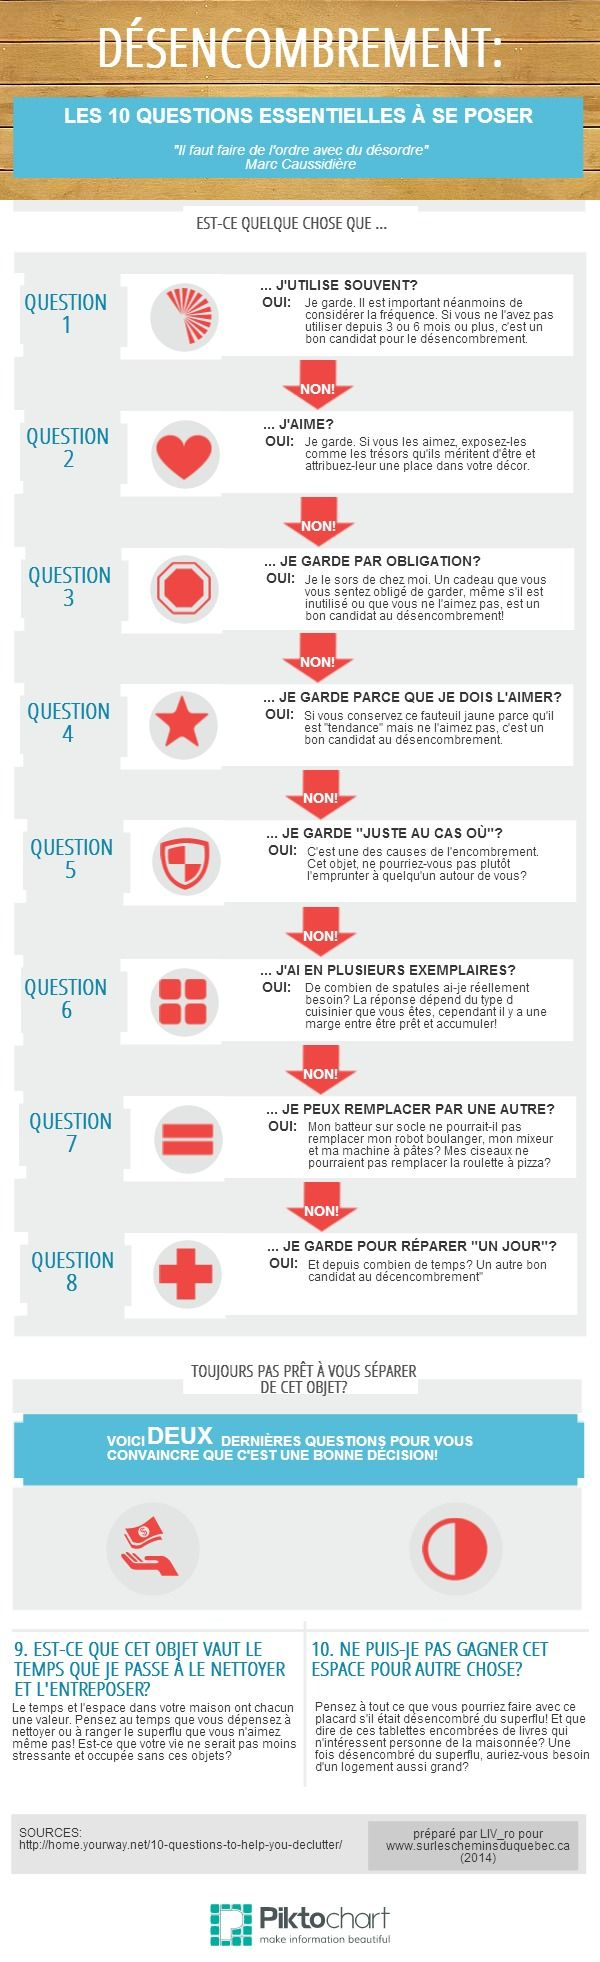 10 questions essentielles pour vous aider à désencombrer (decluttering - french)